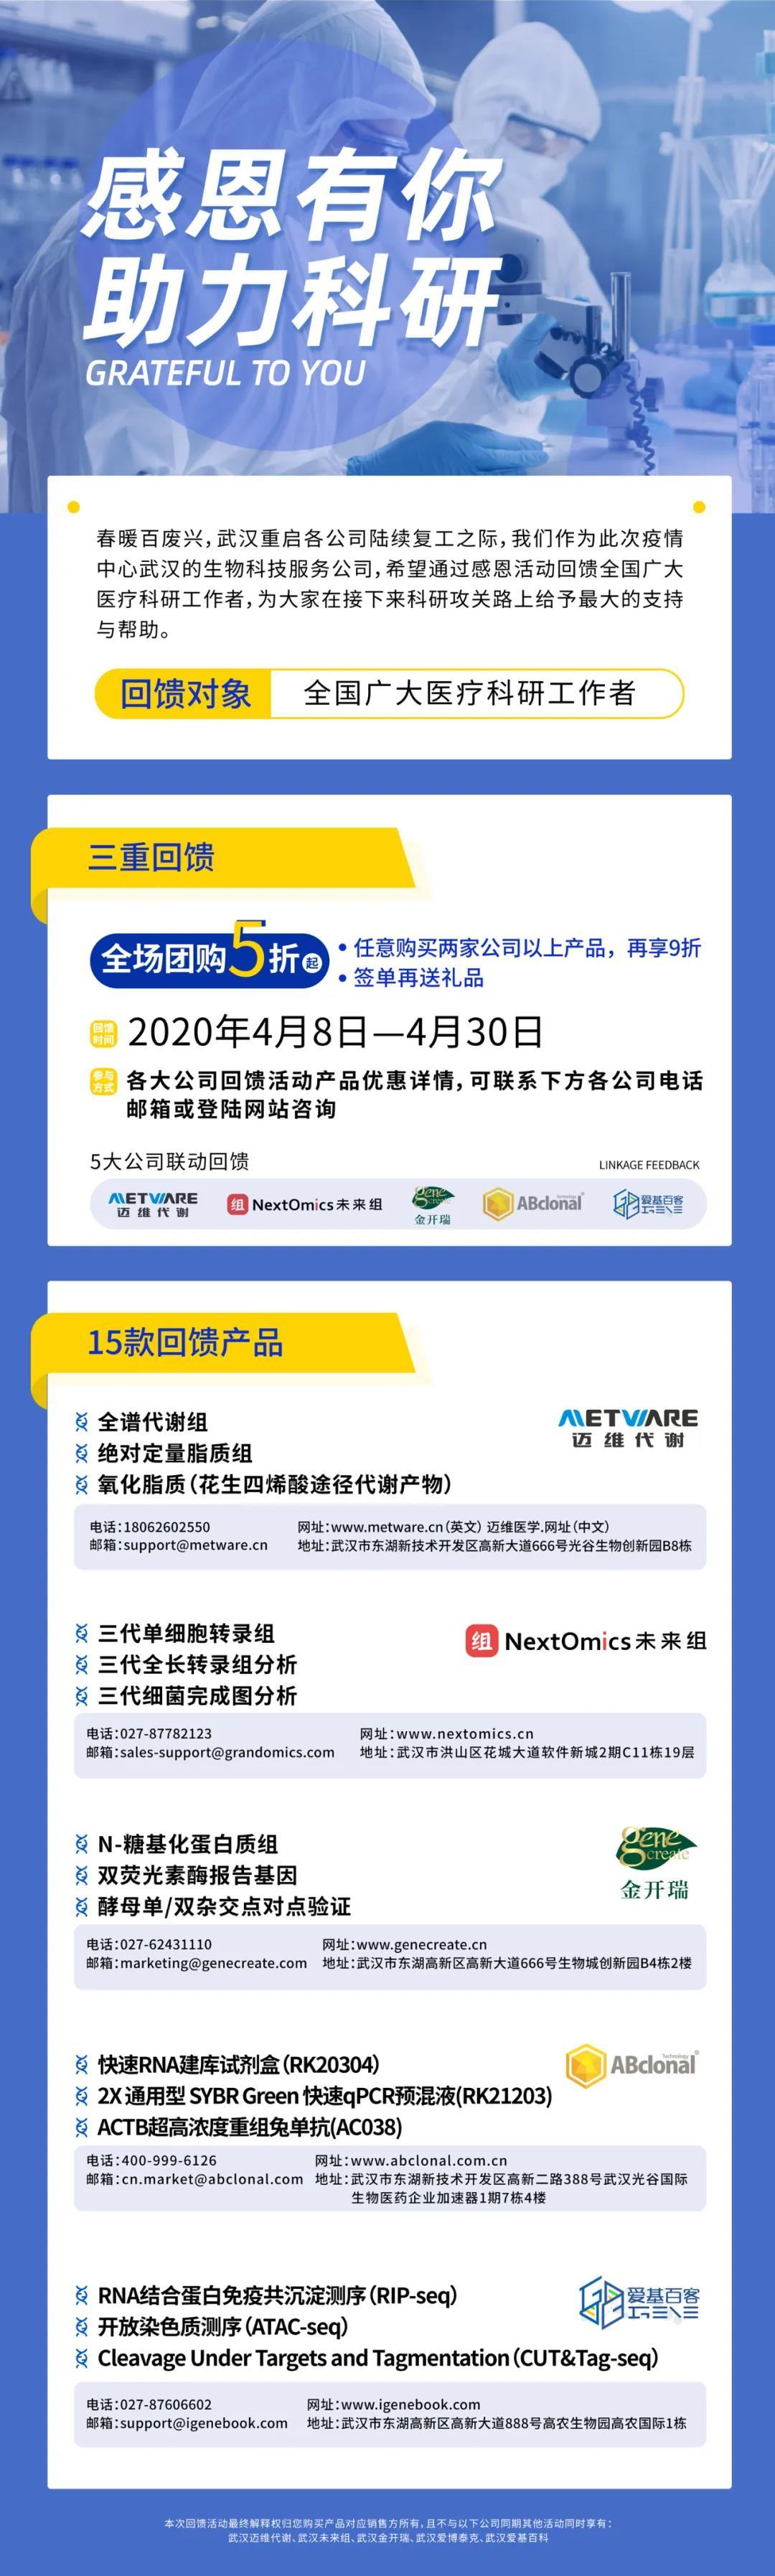 《感恩有你,助力科研丨武汉5大生物科技服务公司联合启动感恩回馈活动》